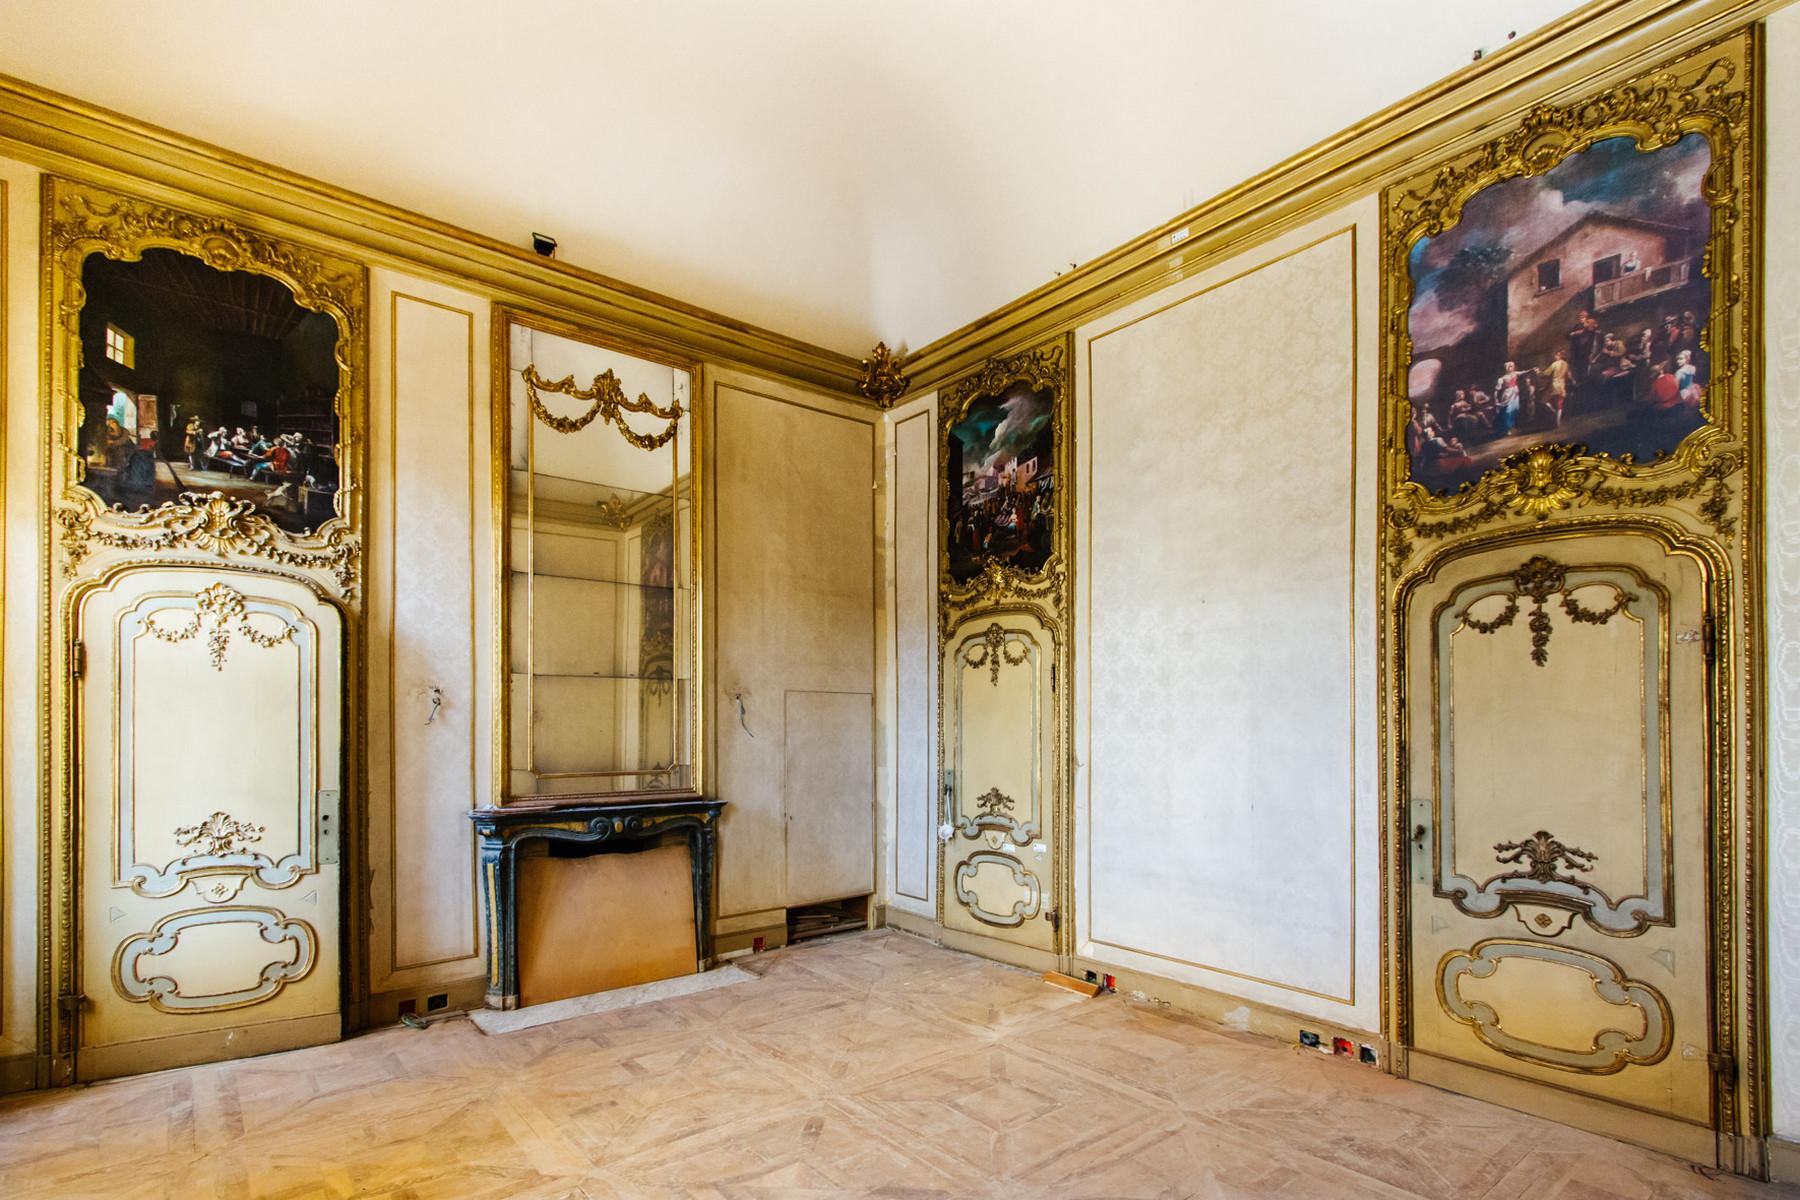 Appartamento in Vendita a Torino piazza savoia